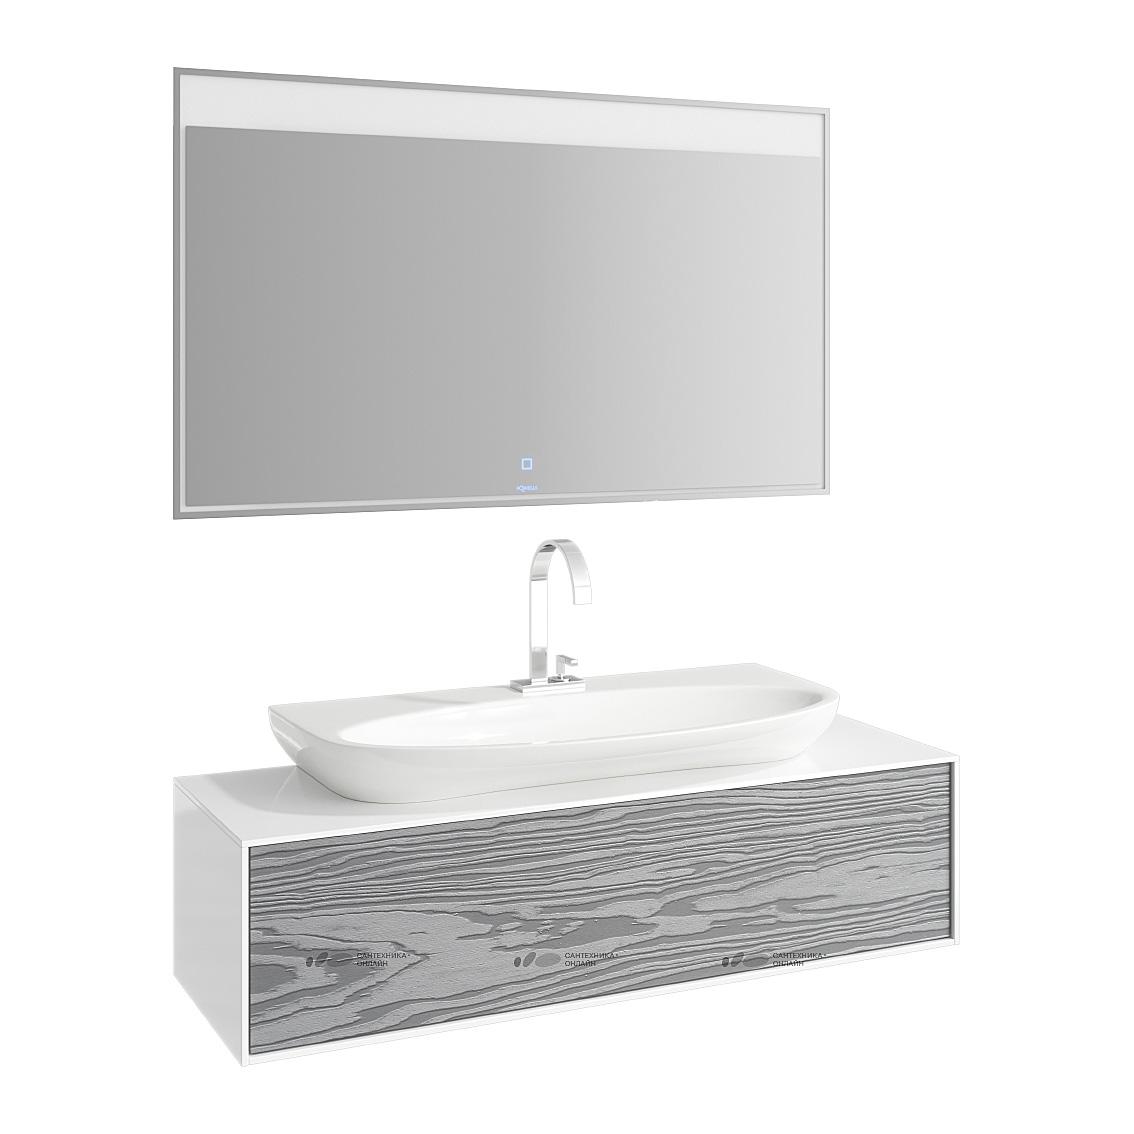 Мебель для ванной Aqwella 5 stars Genesis 120 миллениум серый